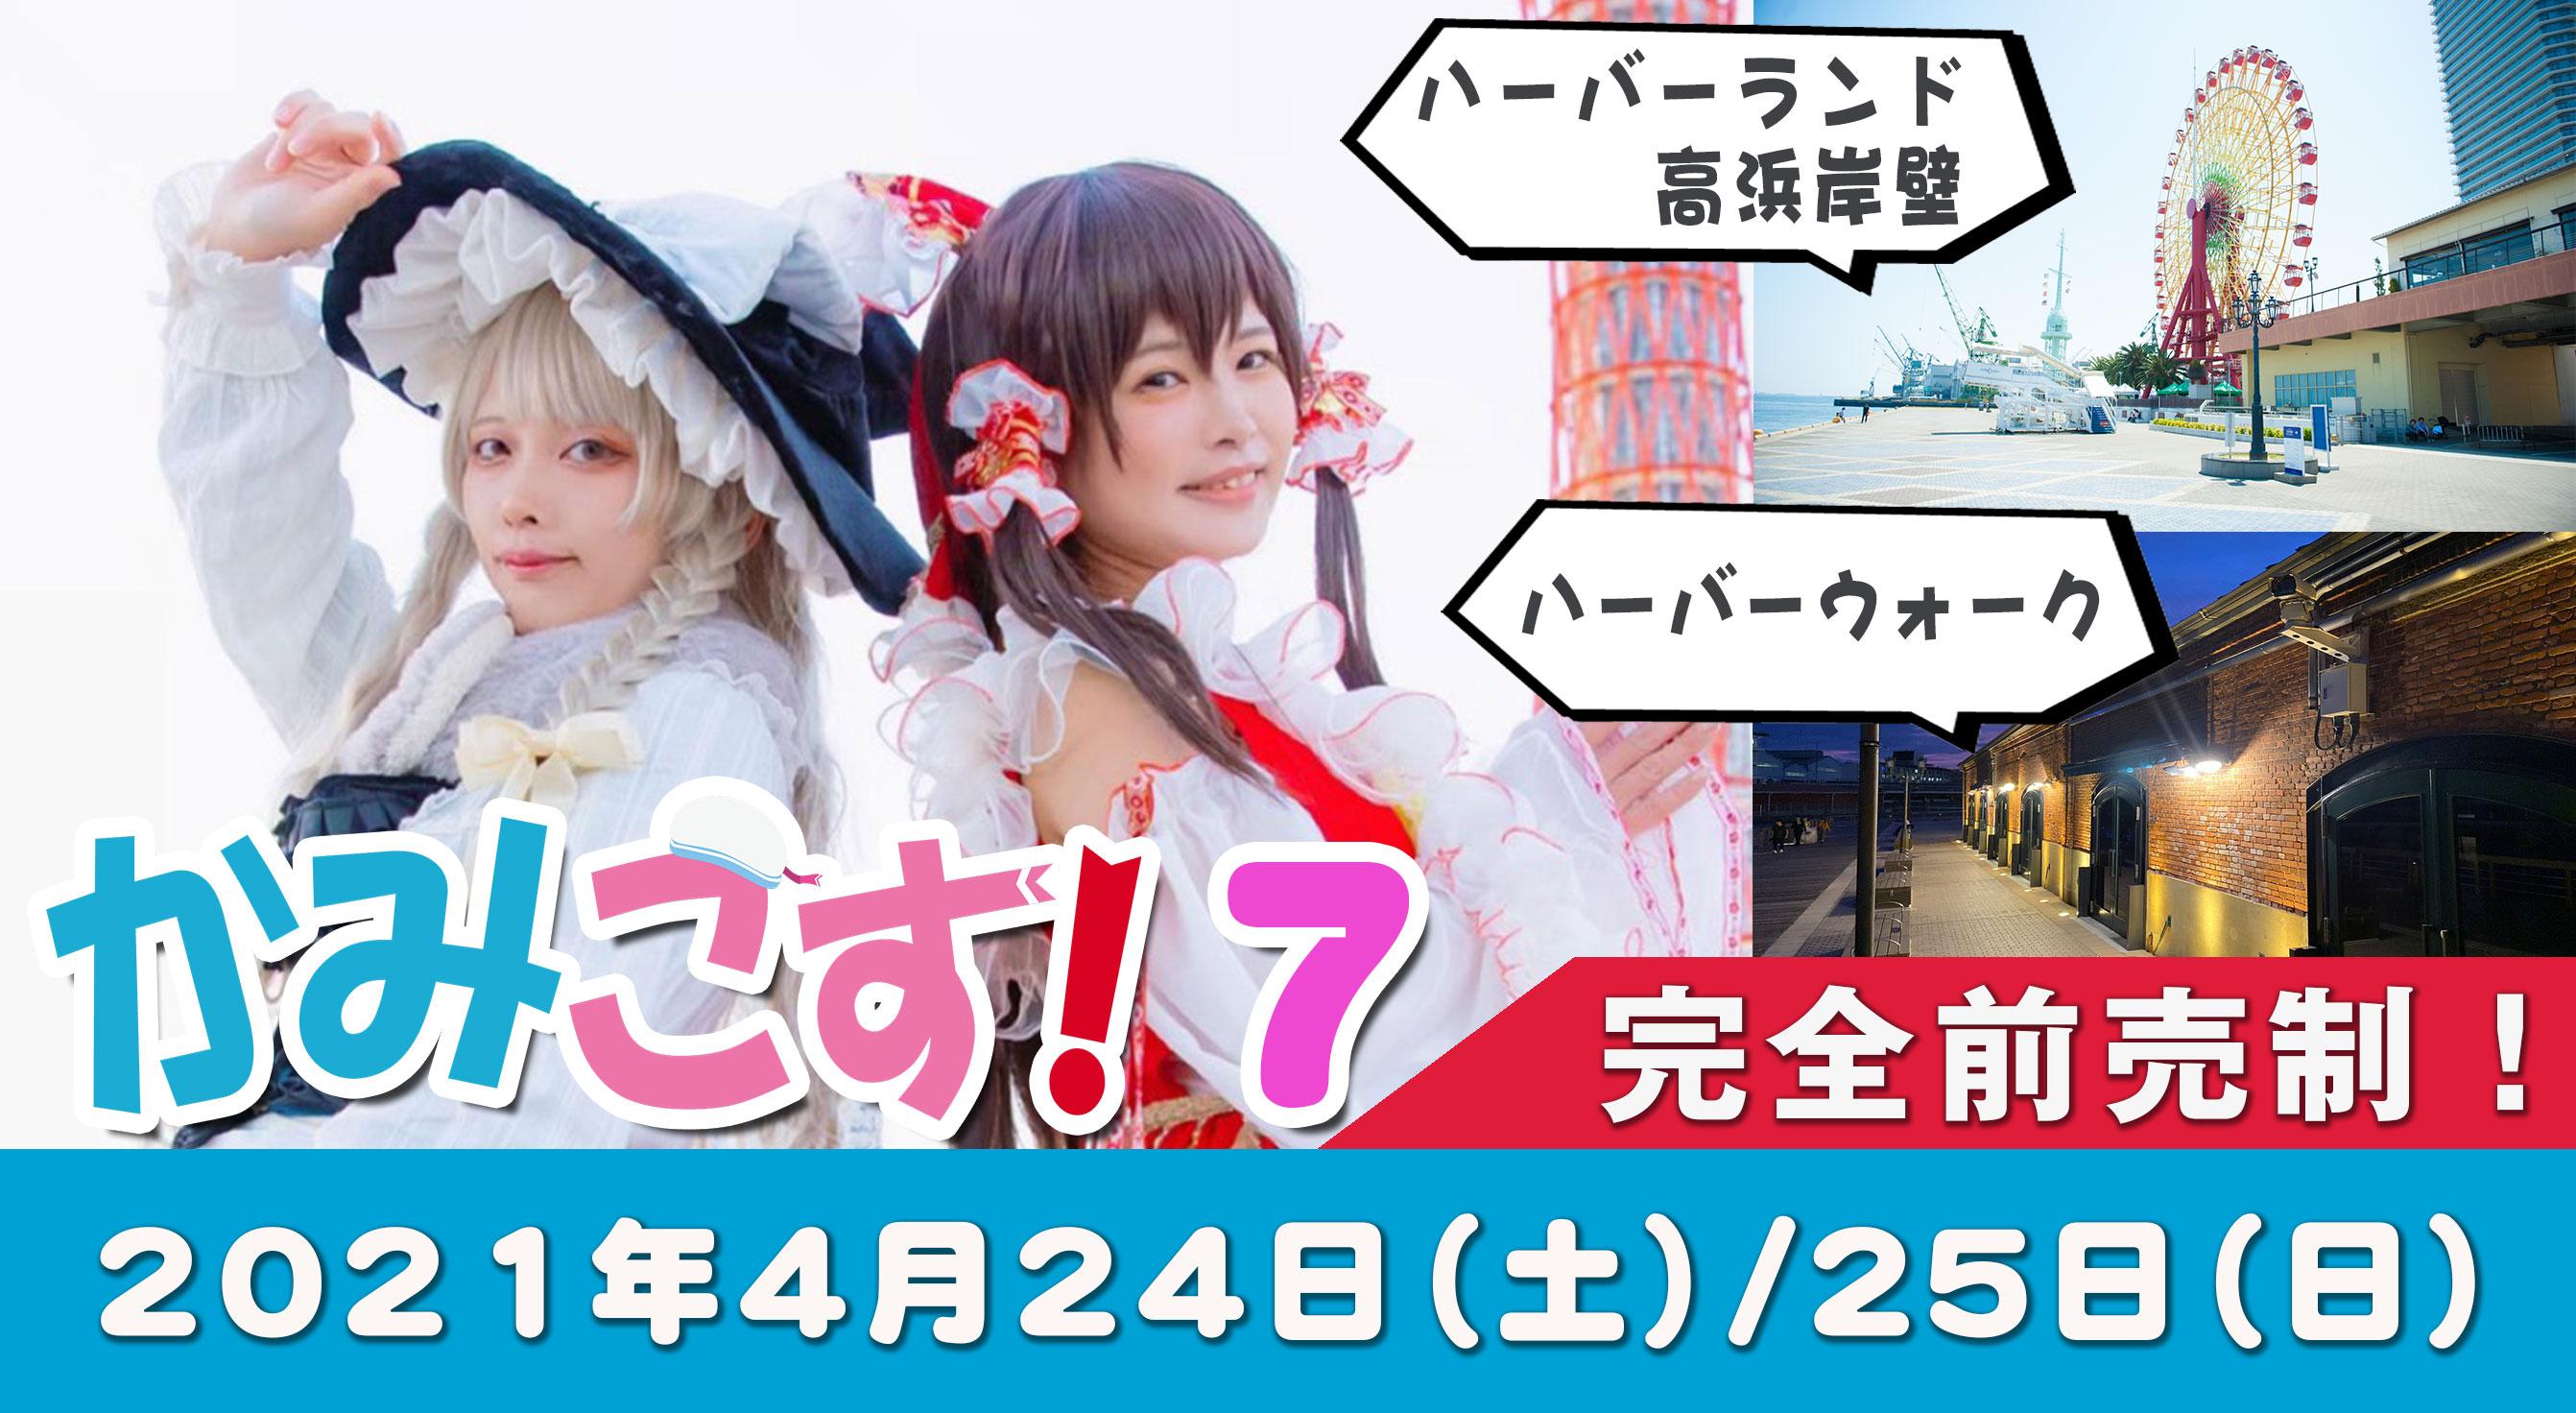 第7回かみこす!-1日目(追加チケット)-